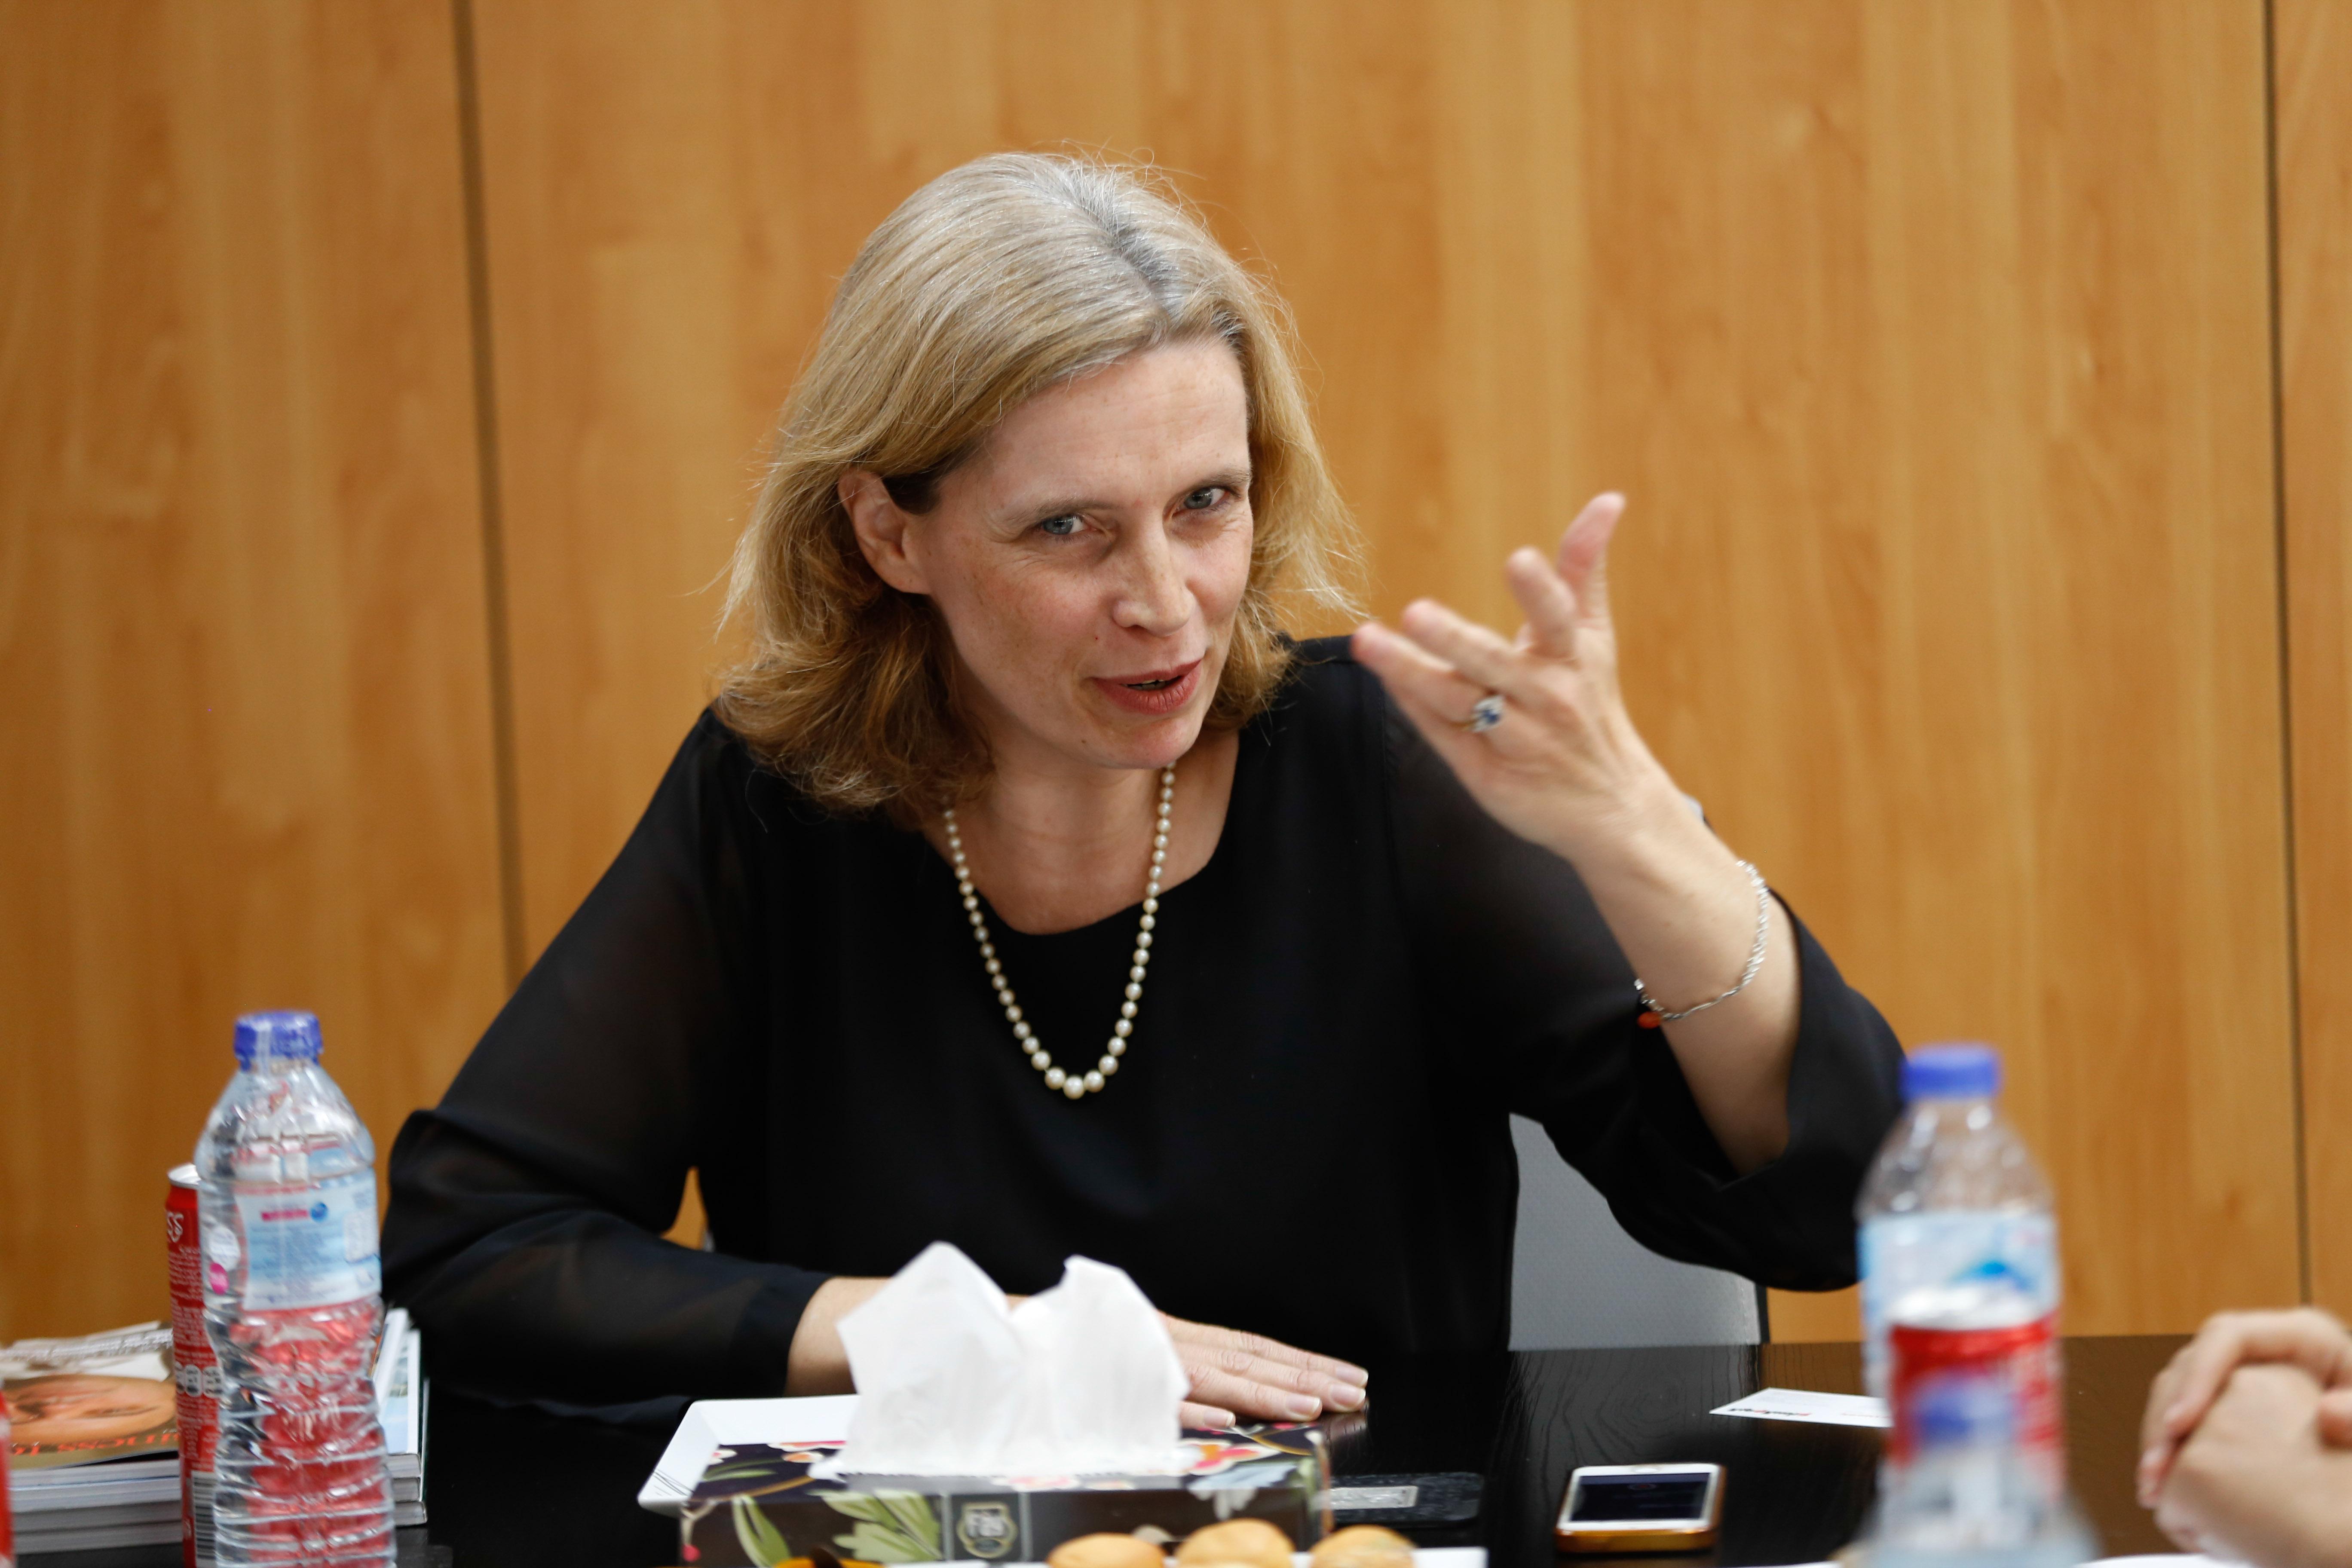 سفيرة بلجيكا سيبيل دى كارتييه